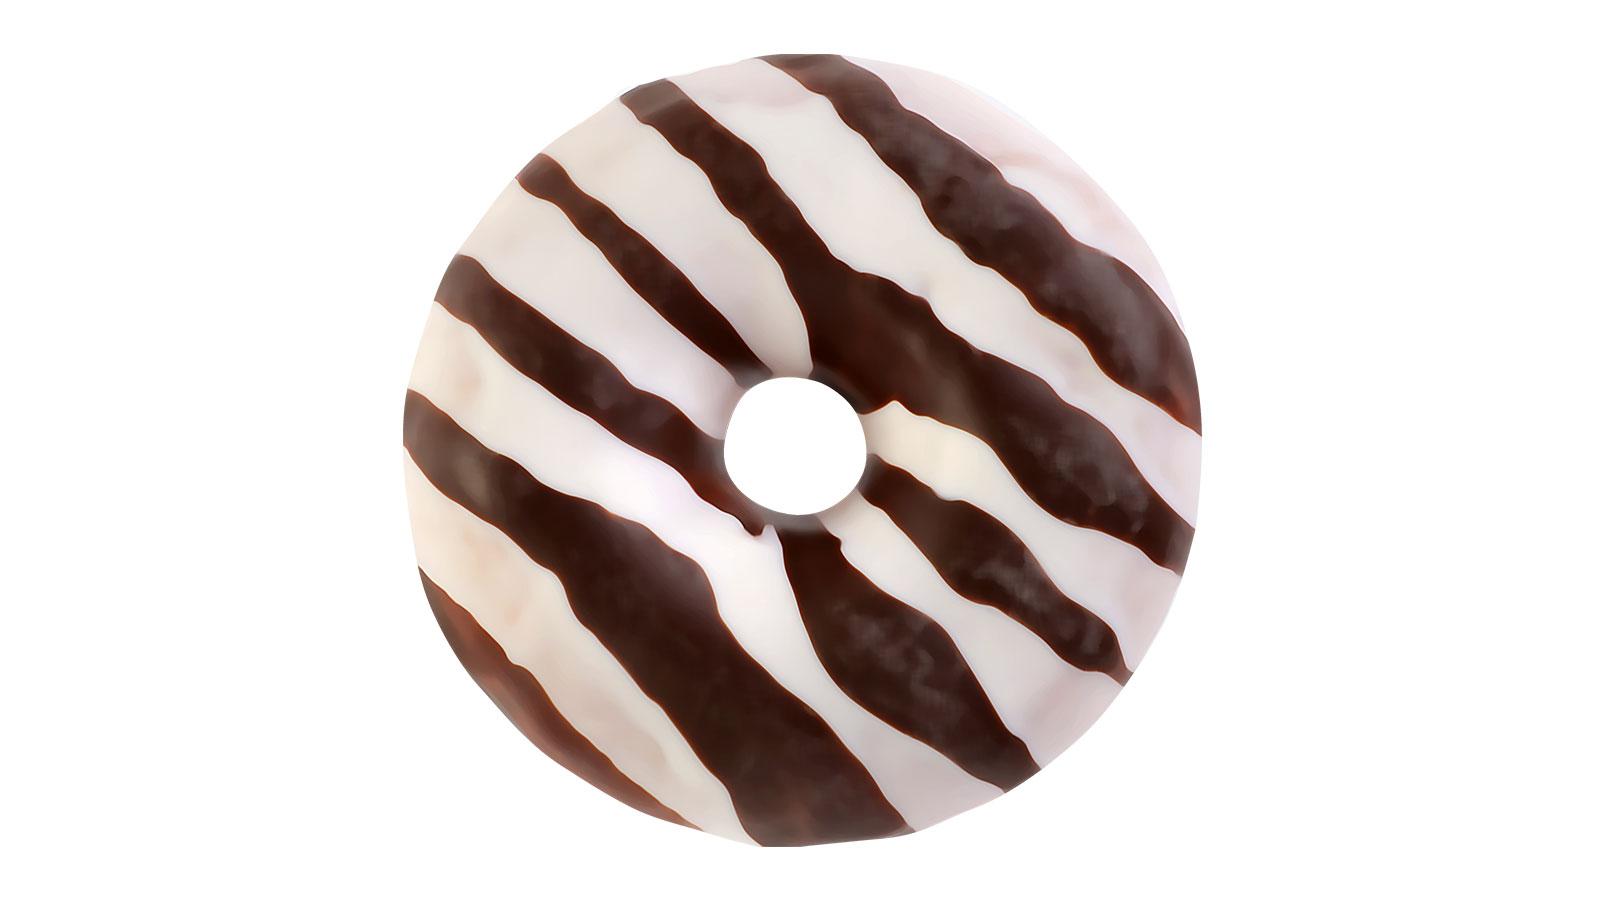 Donut MINI black and white decor